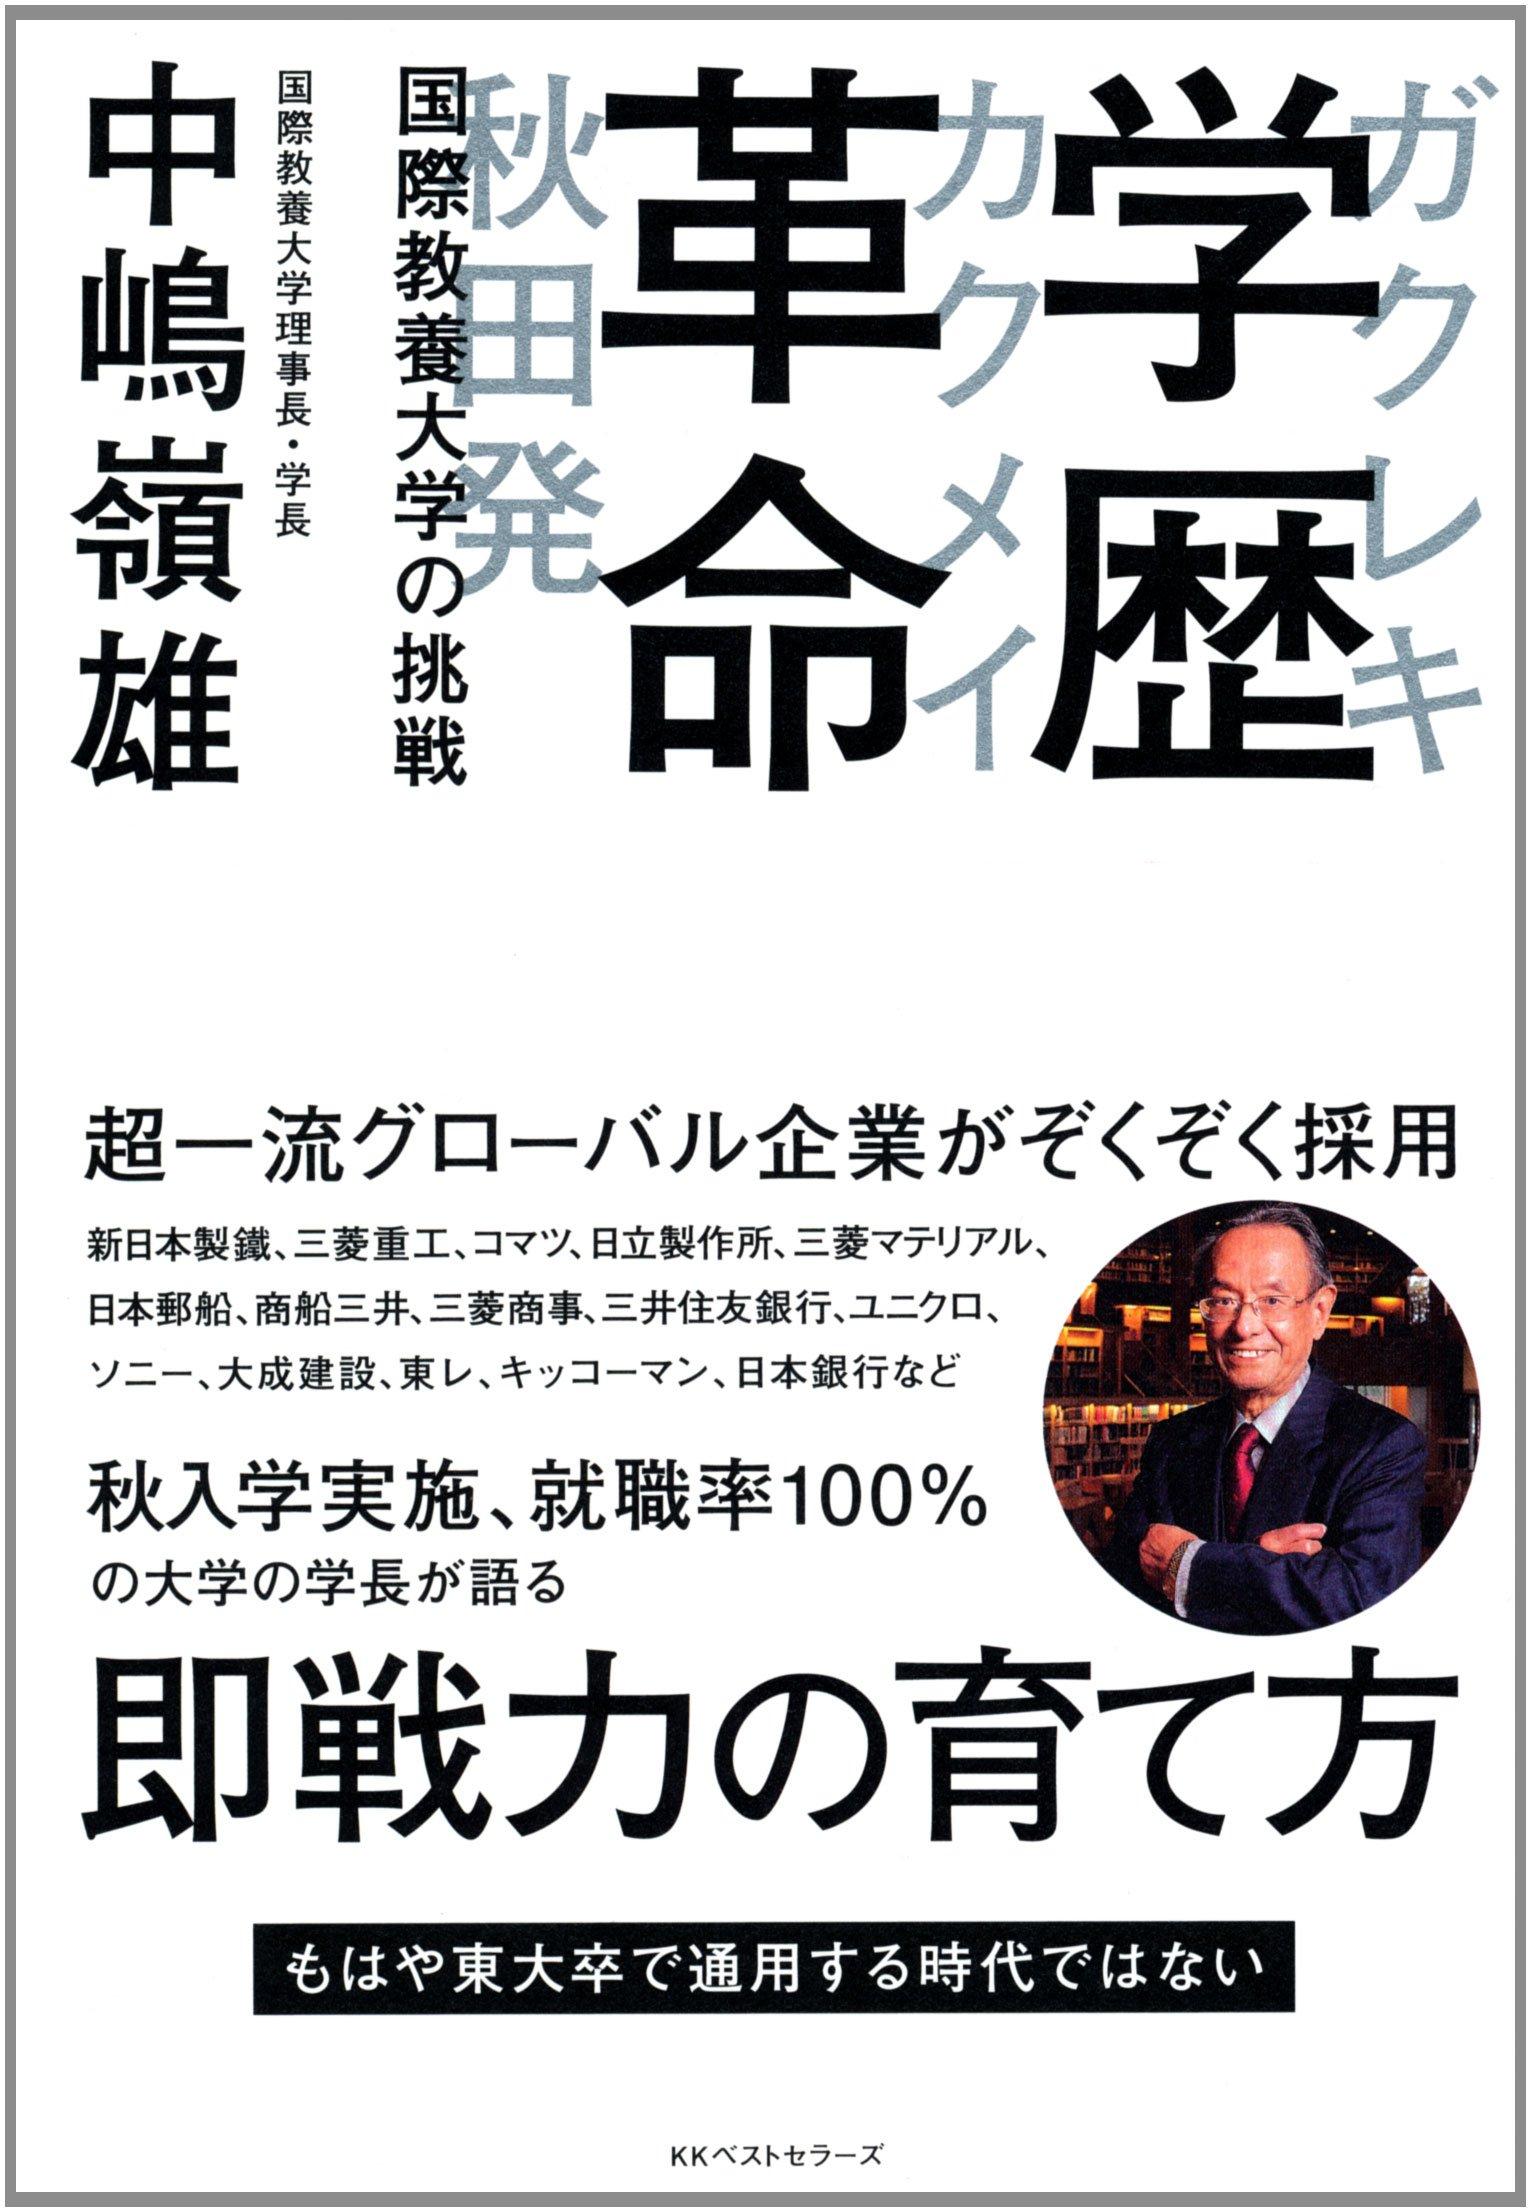 三井情報 学歴